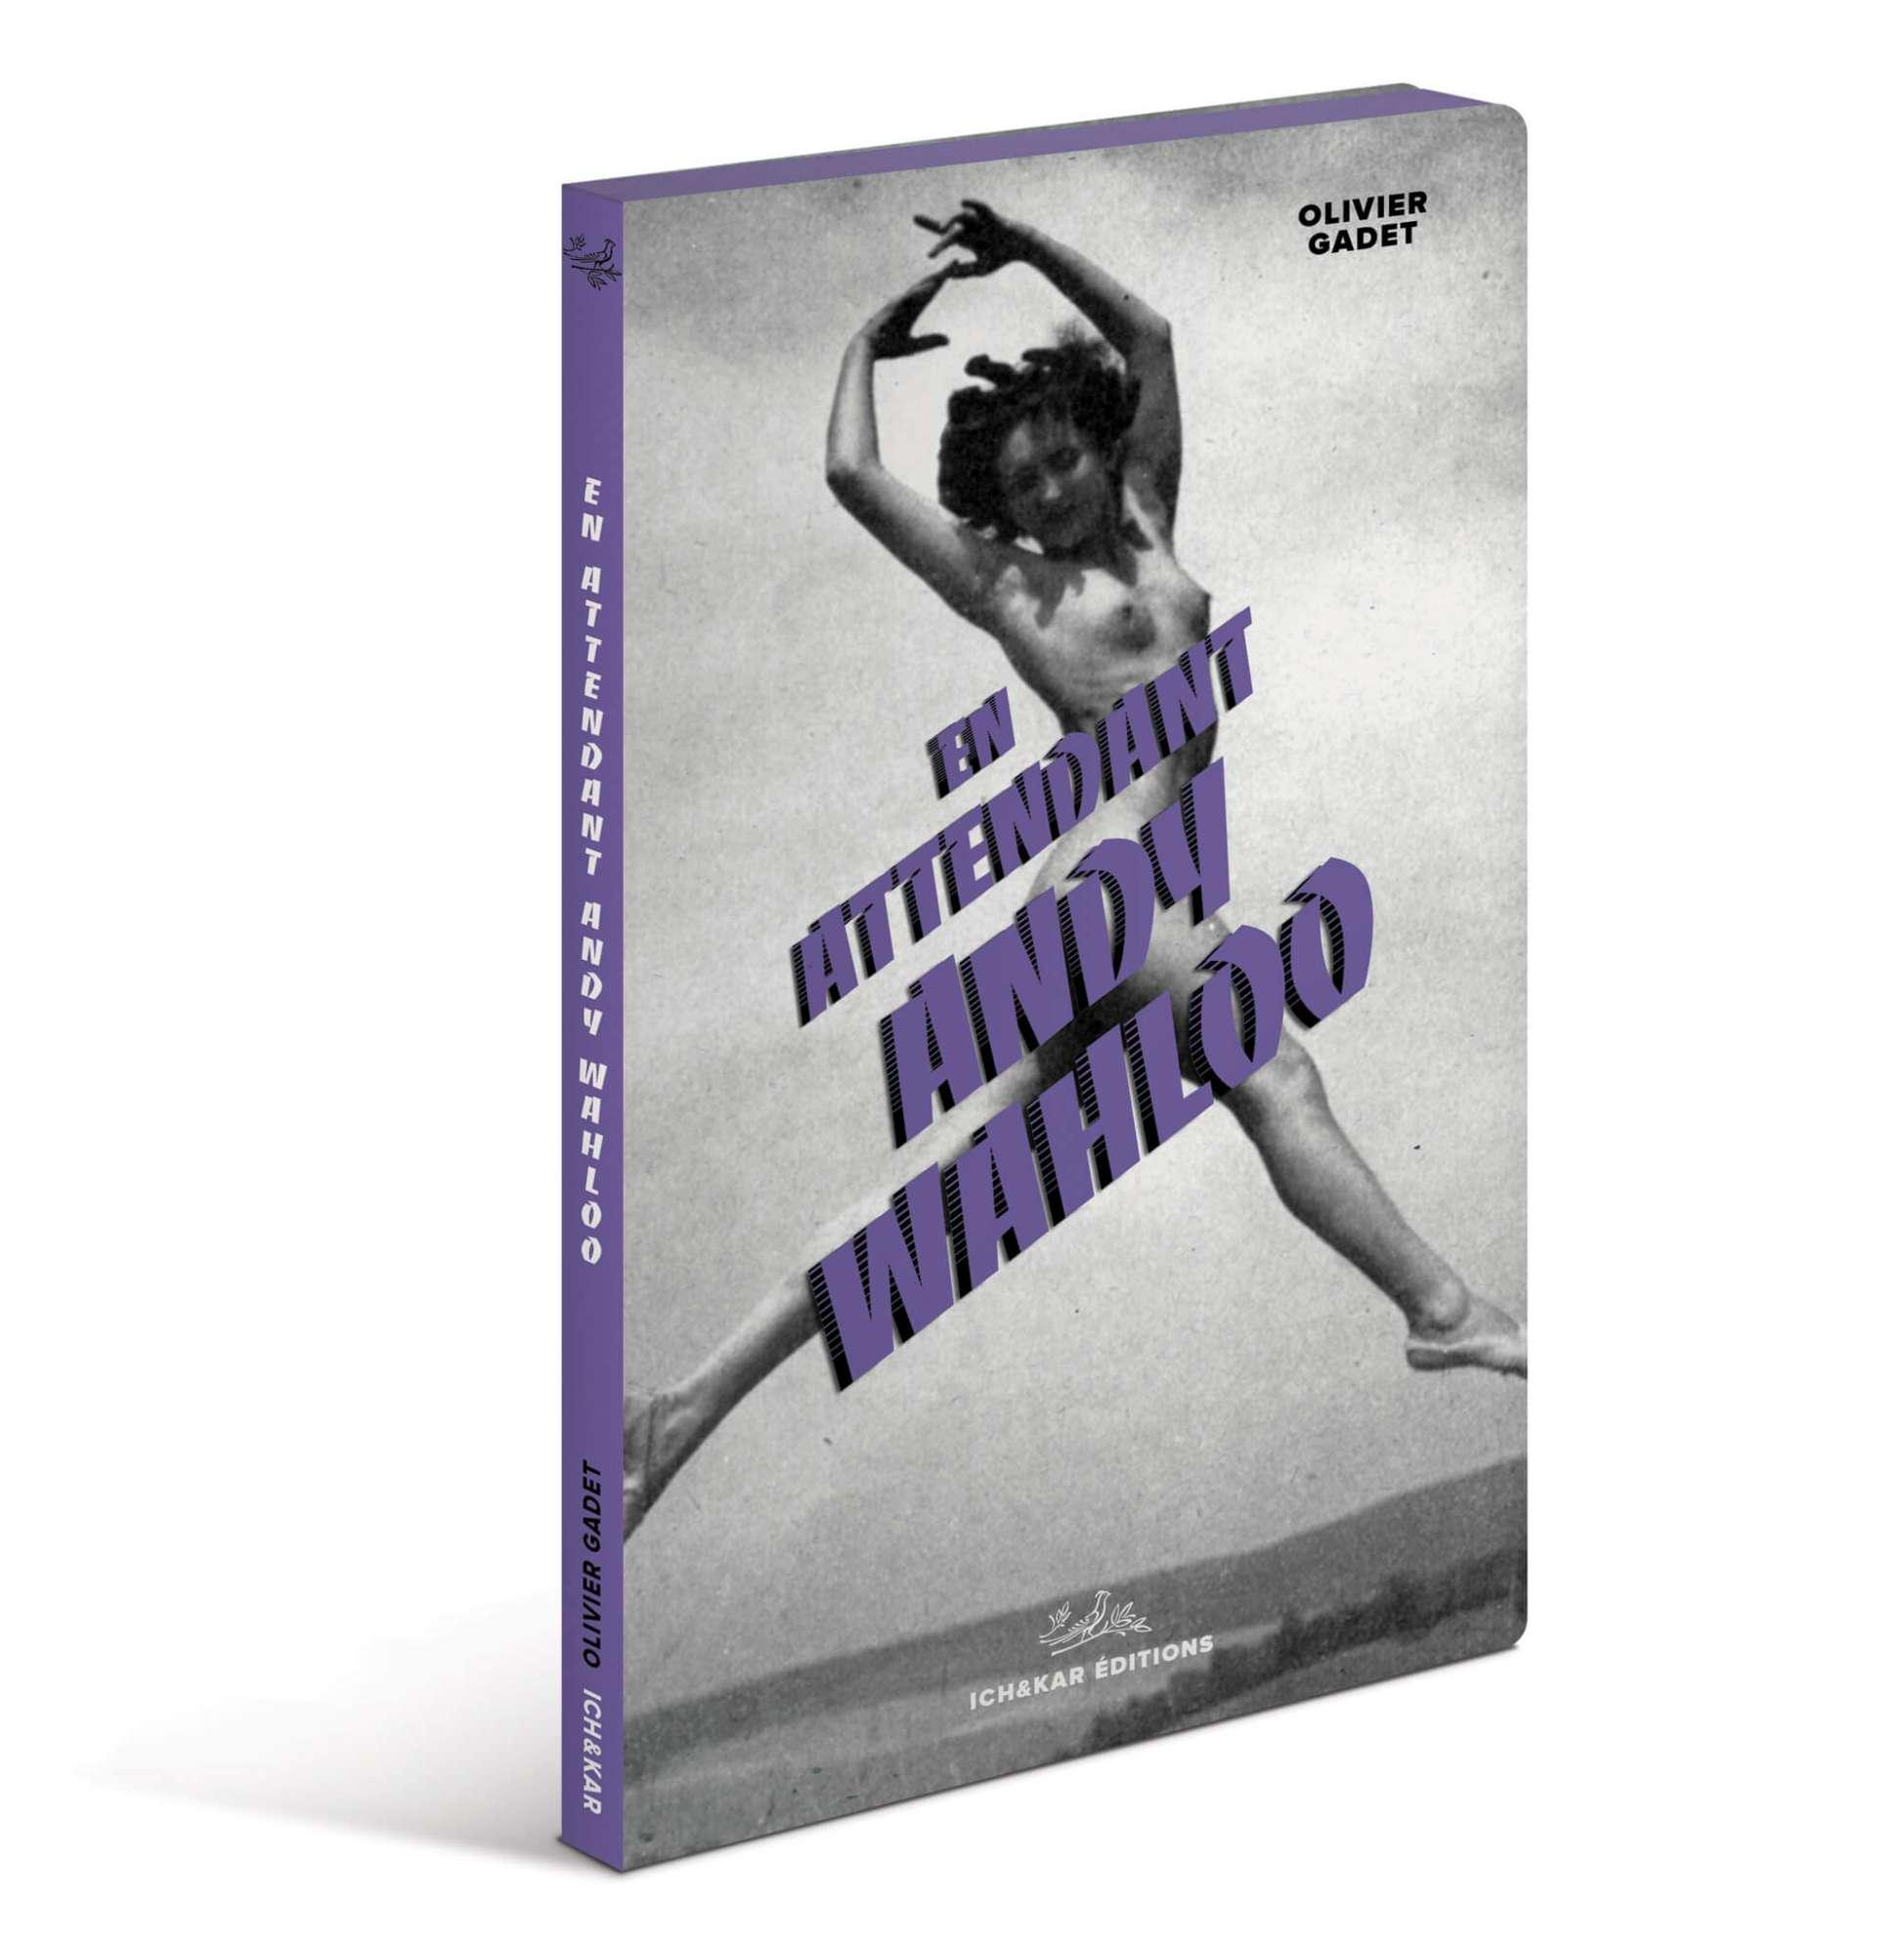 La carte livre 2019 du bar Parisien Andy Wahloo est un recueil de nouvelles écrit par Olivier Gadet, design Ichetkar